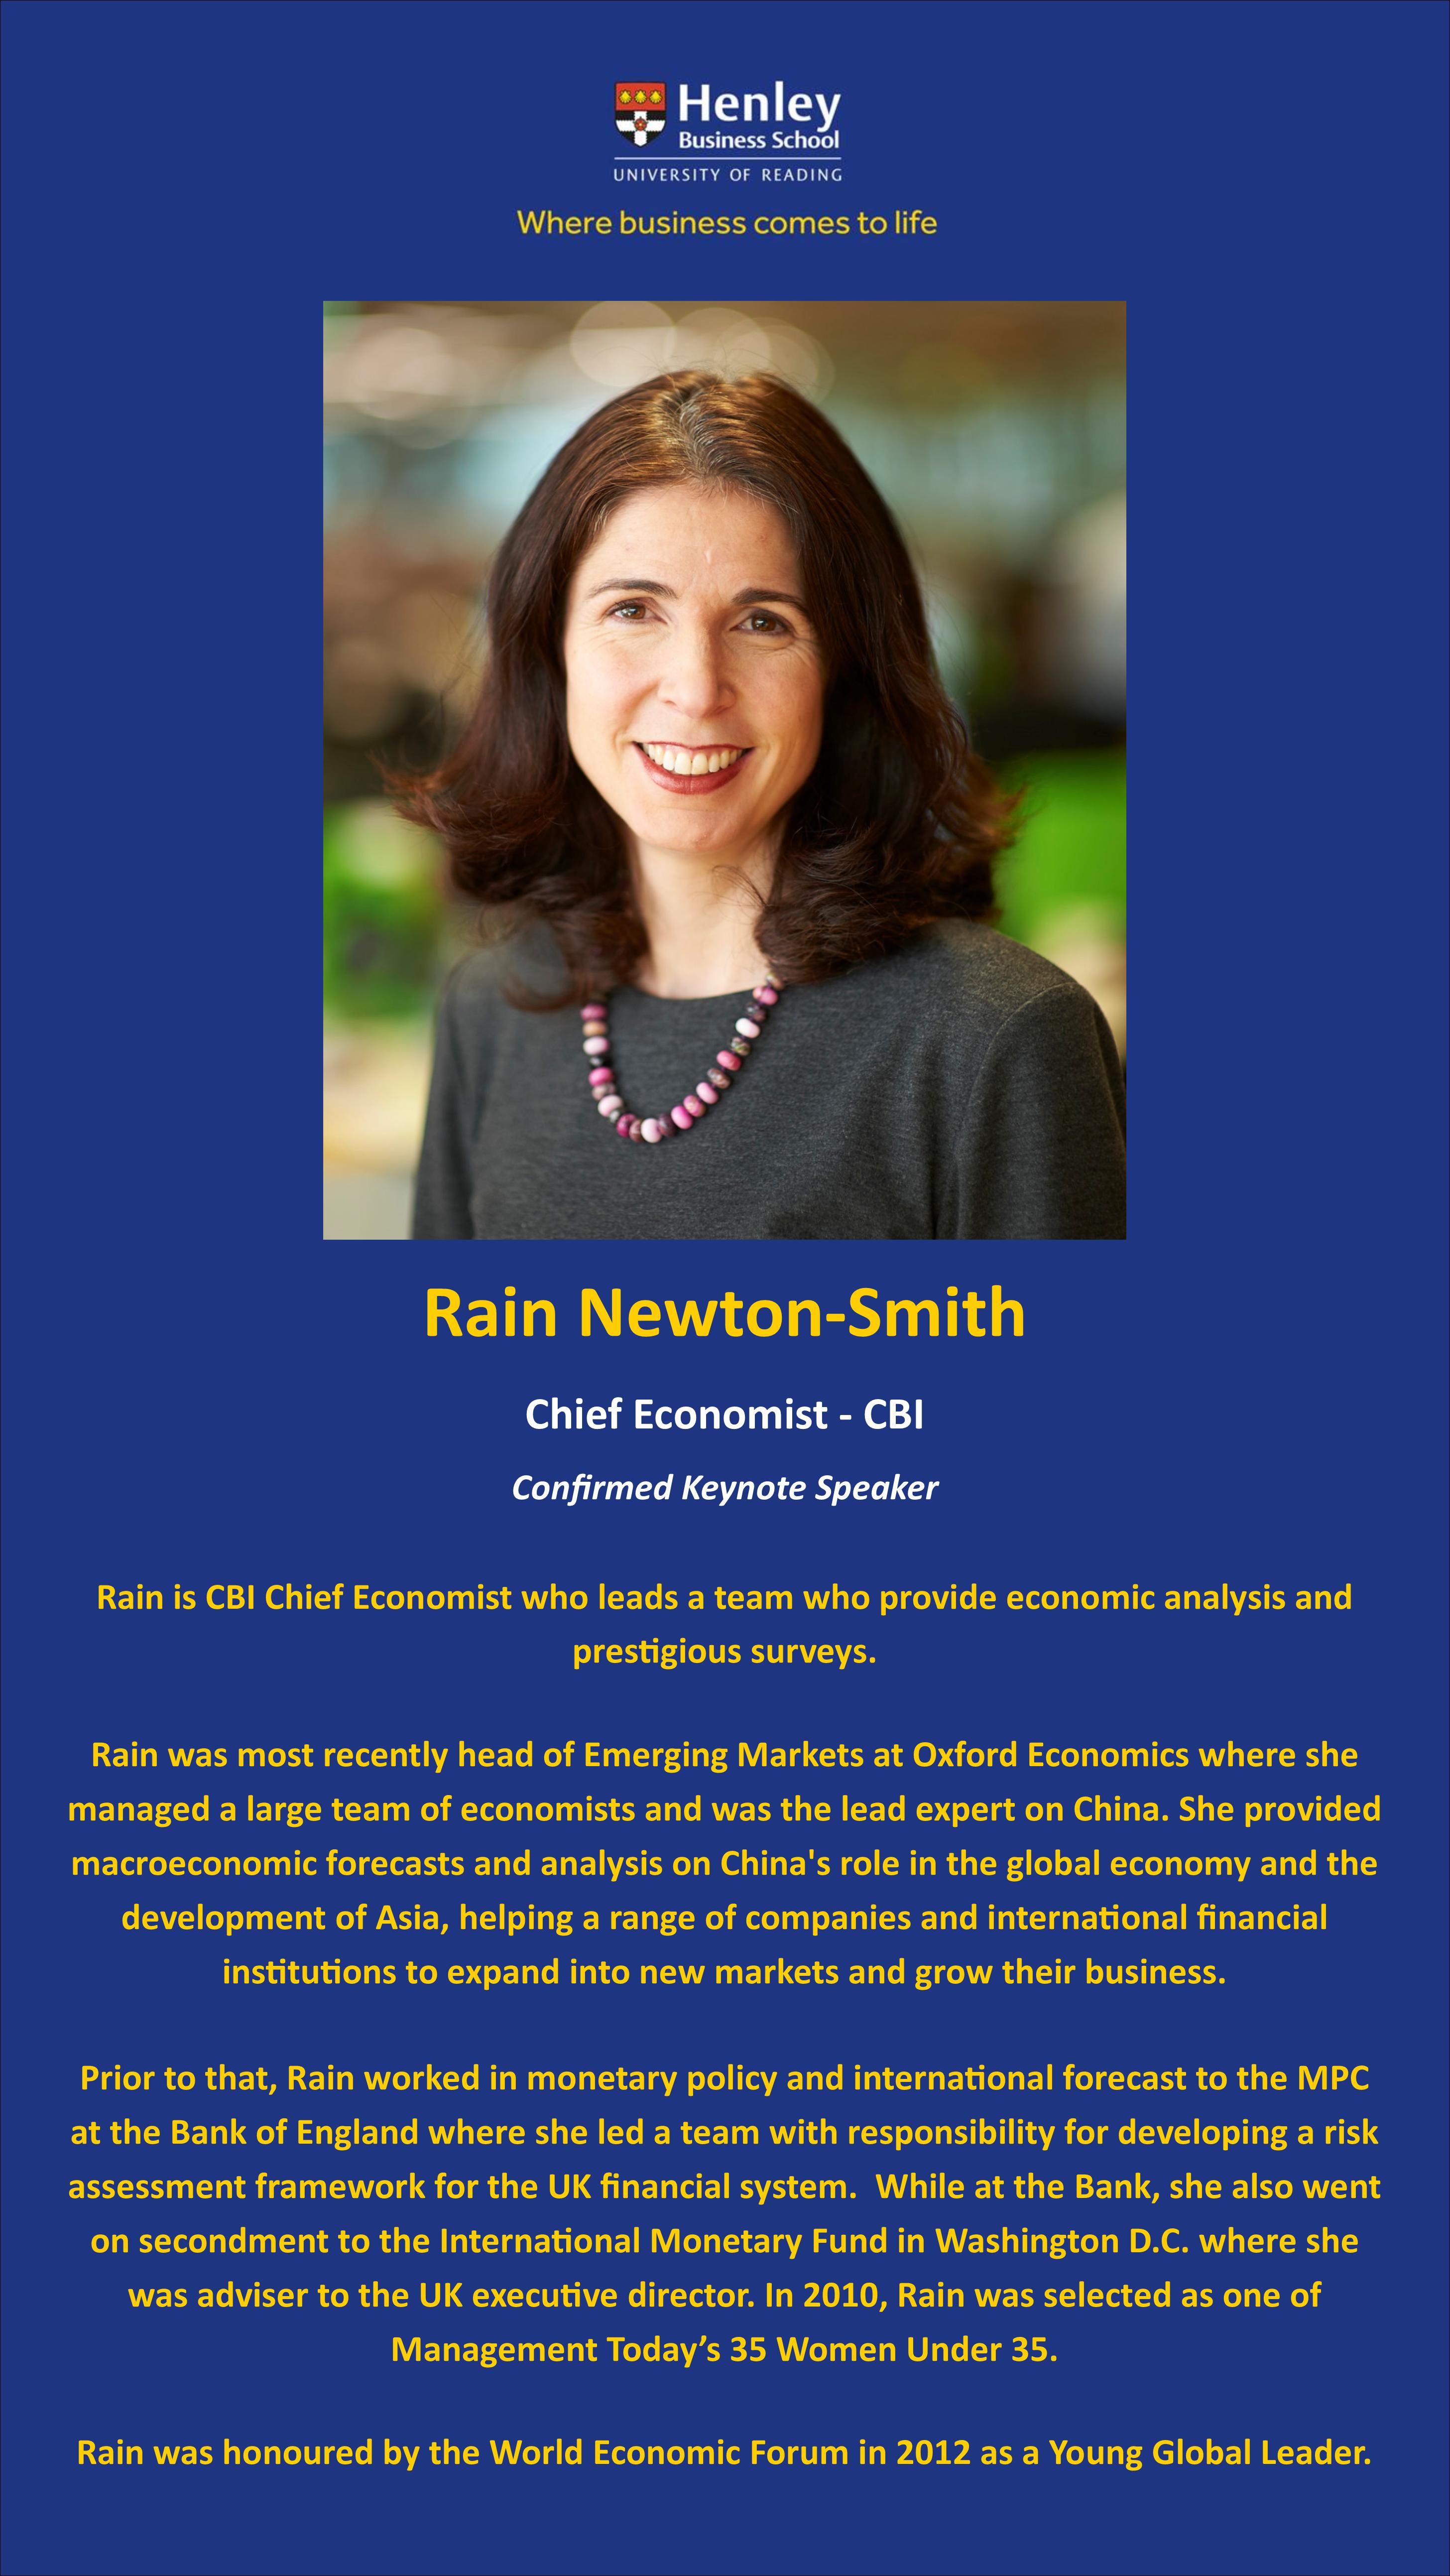 Rain Newton Smith Bio